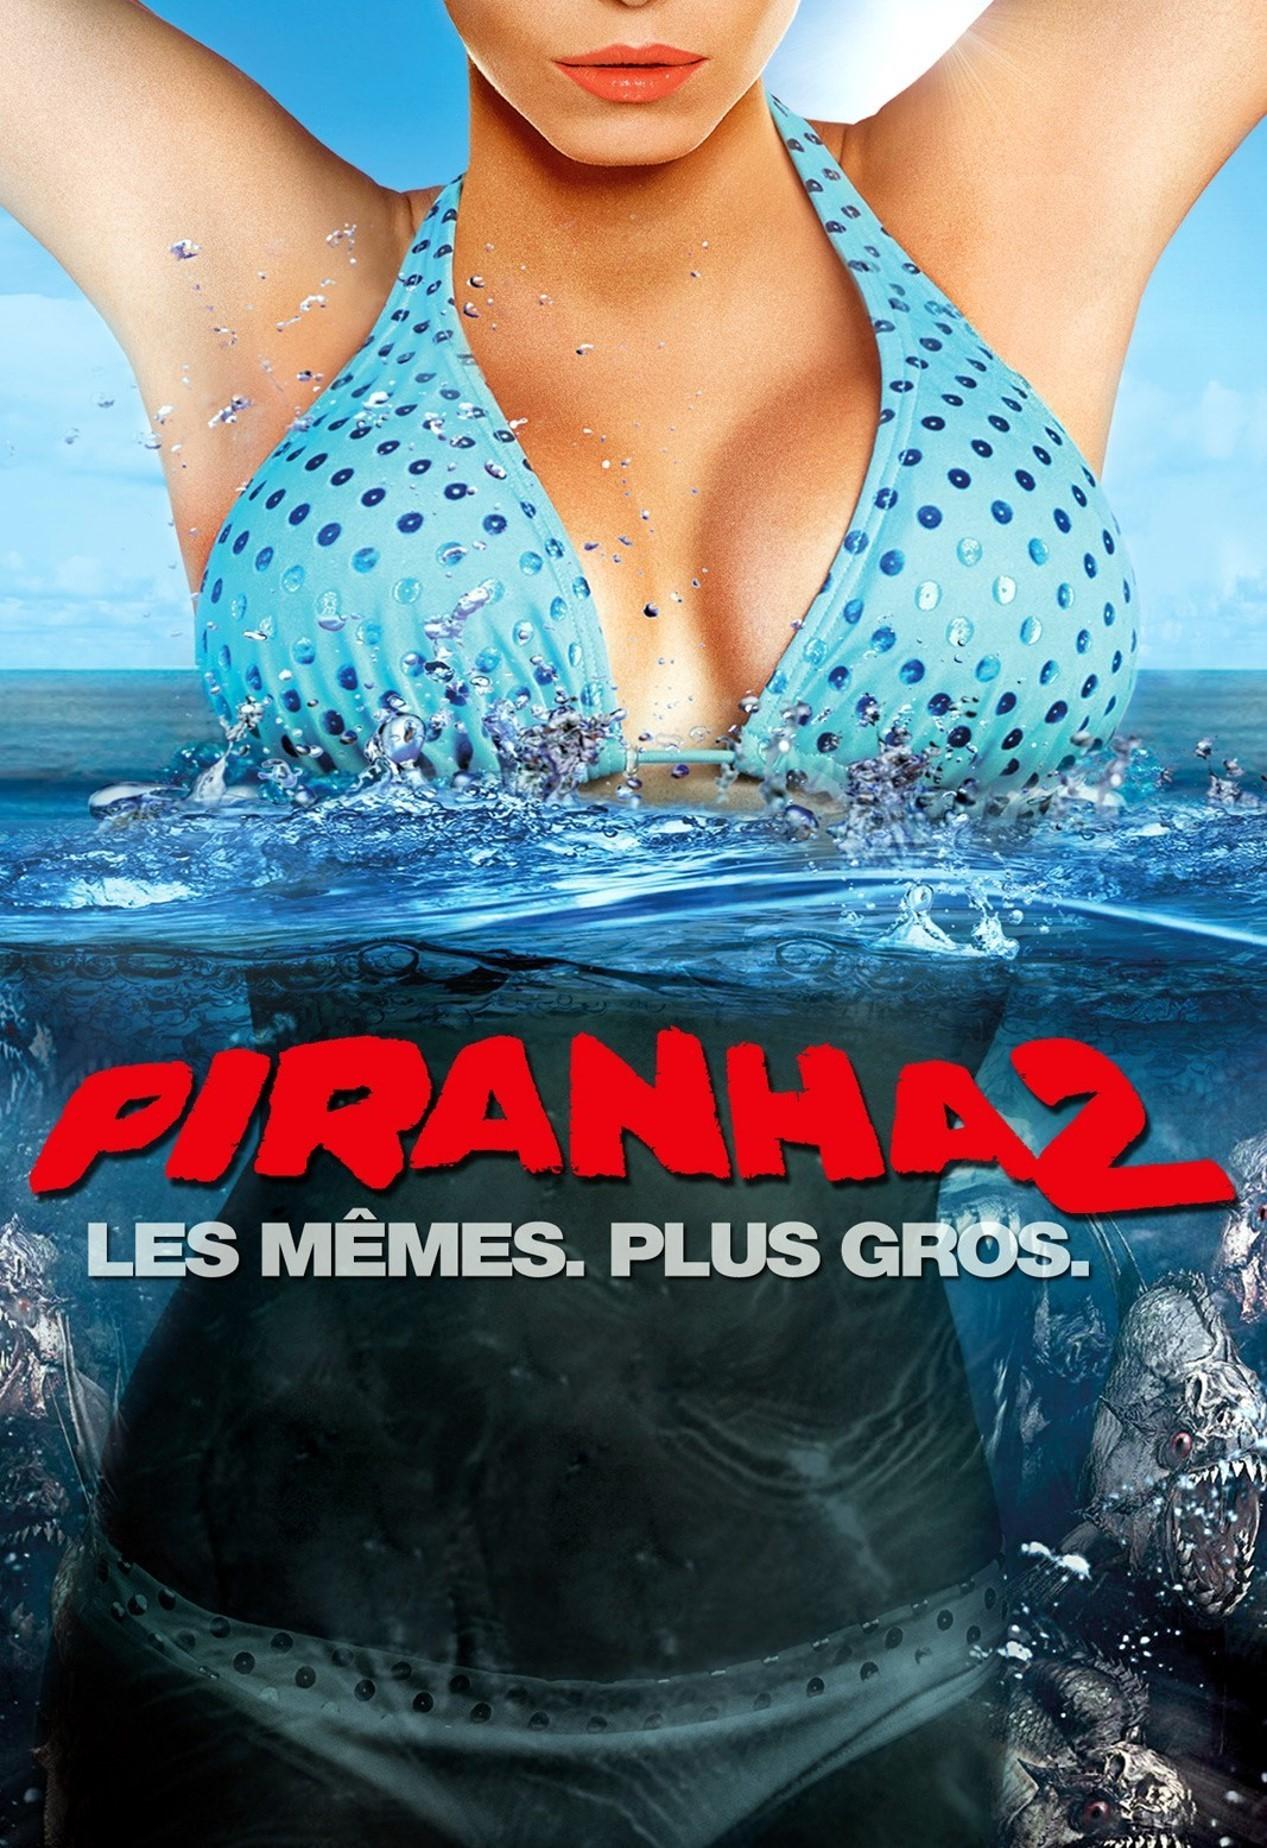 affiche du film Piranha 3DD